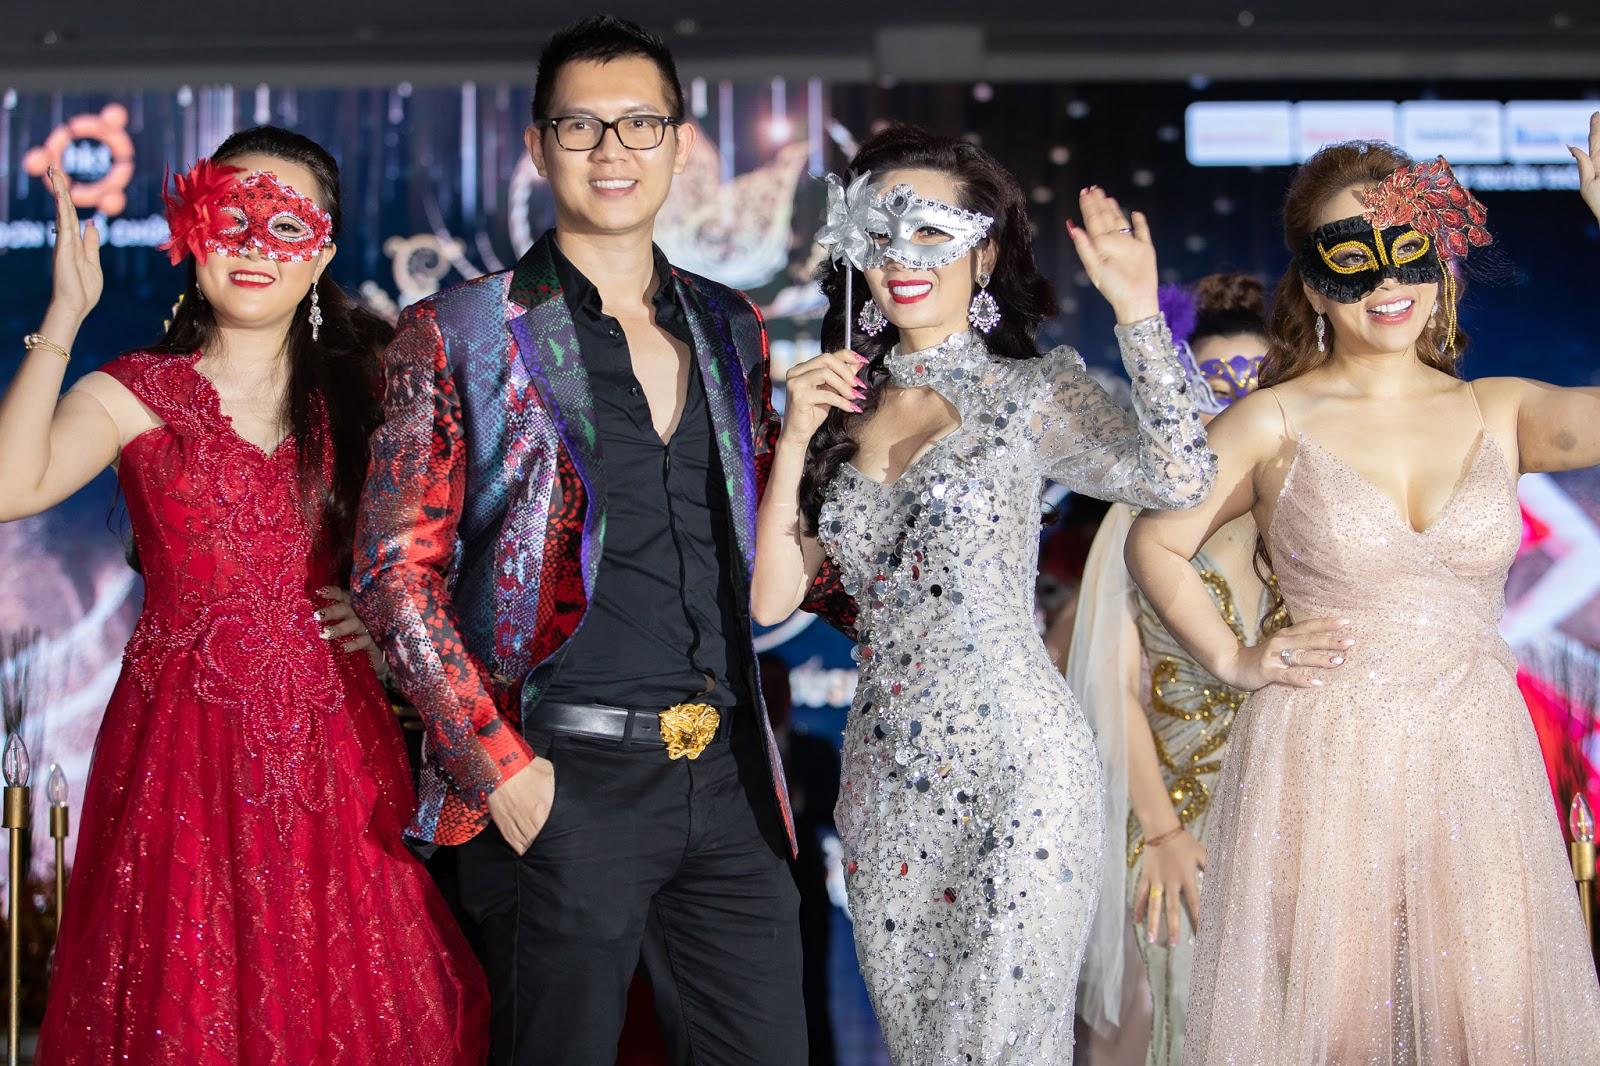 Mỹ nhân Philippines gây ấn tượng khi mặc áo dài, Vivian Trần khoe đường cong khiến nhiều người đau mắt - Hình 1